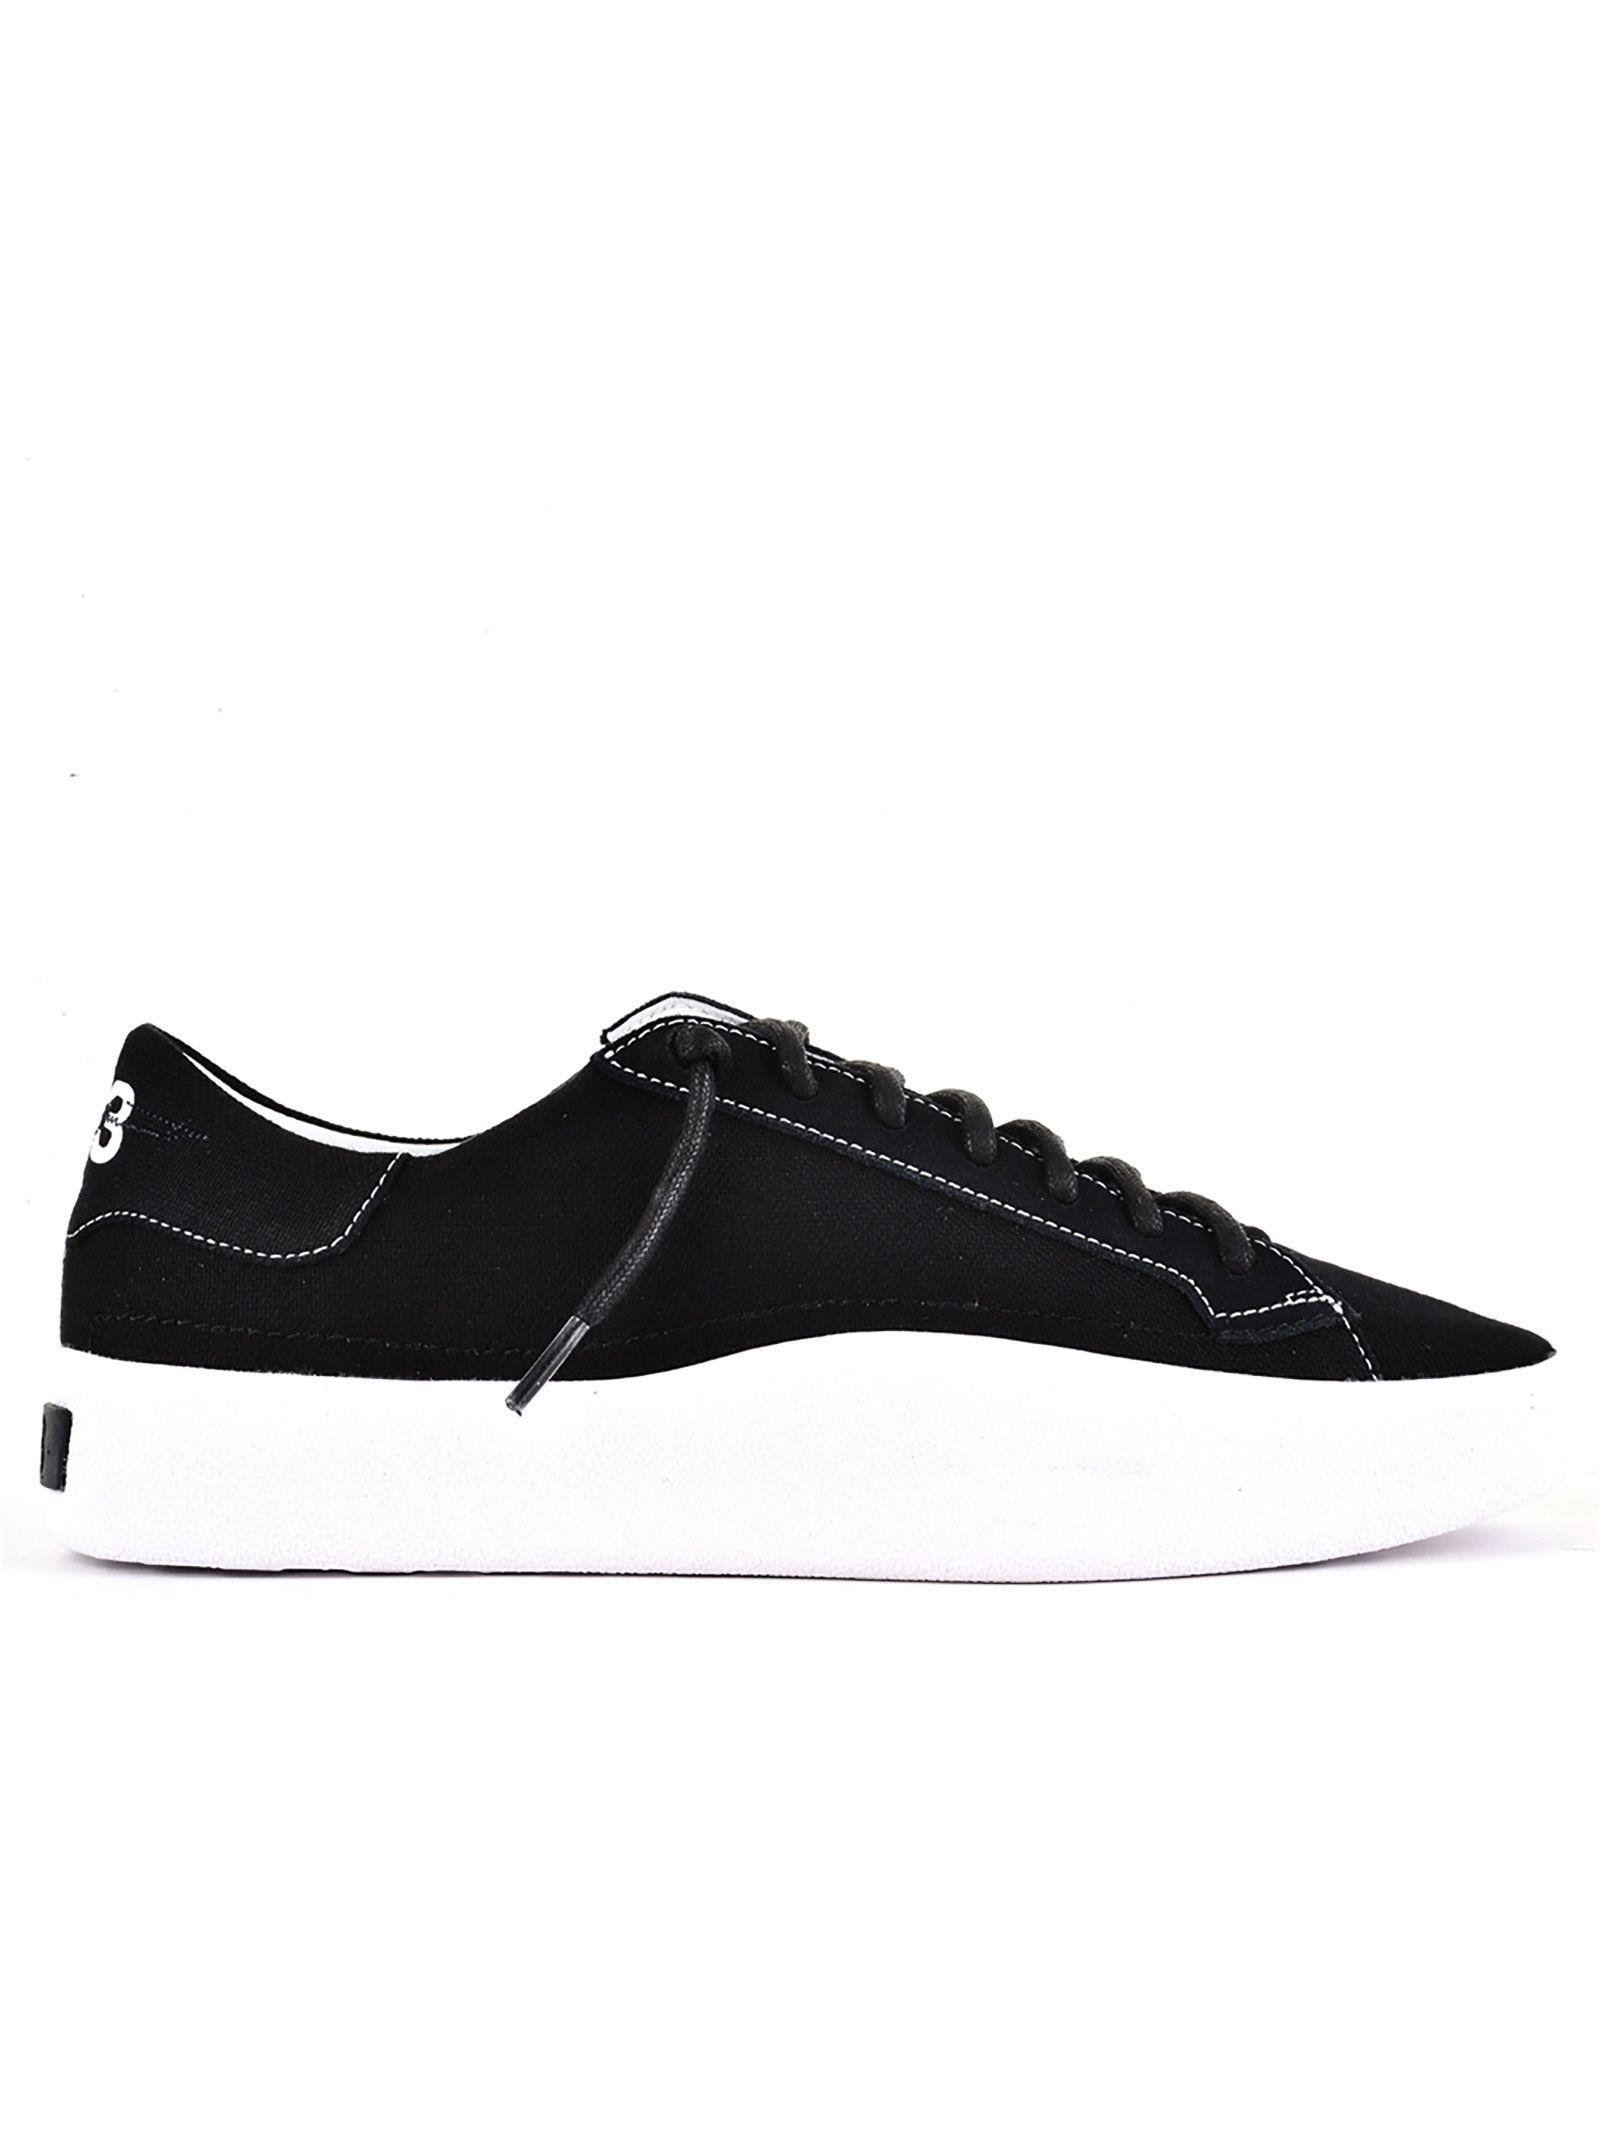 6a7a34352 Y-3 TANGUTSU LACE.  y-3  shoes